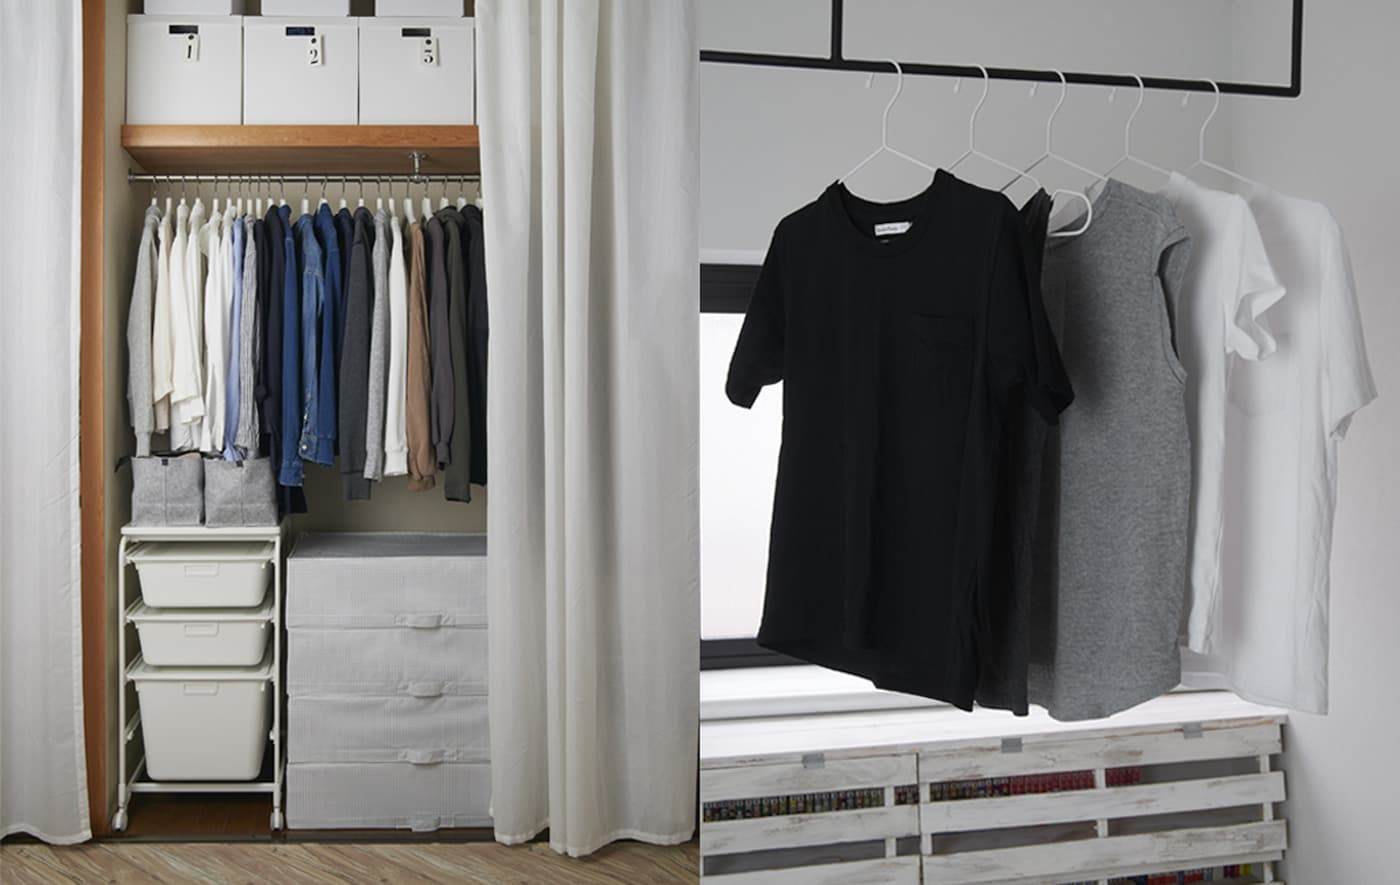 Garde-robe ouverte avec niche, constituée d'une tringle, d'une tablette et de boîtes et T-shirts accrochés à une barre en travers d'une fenêtre.